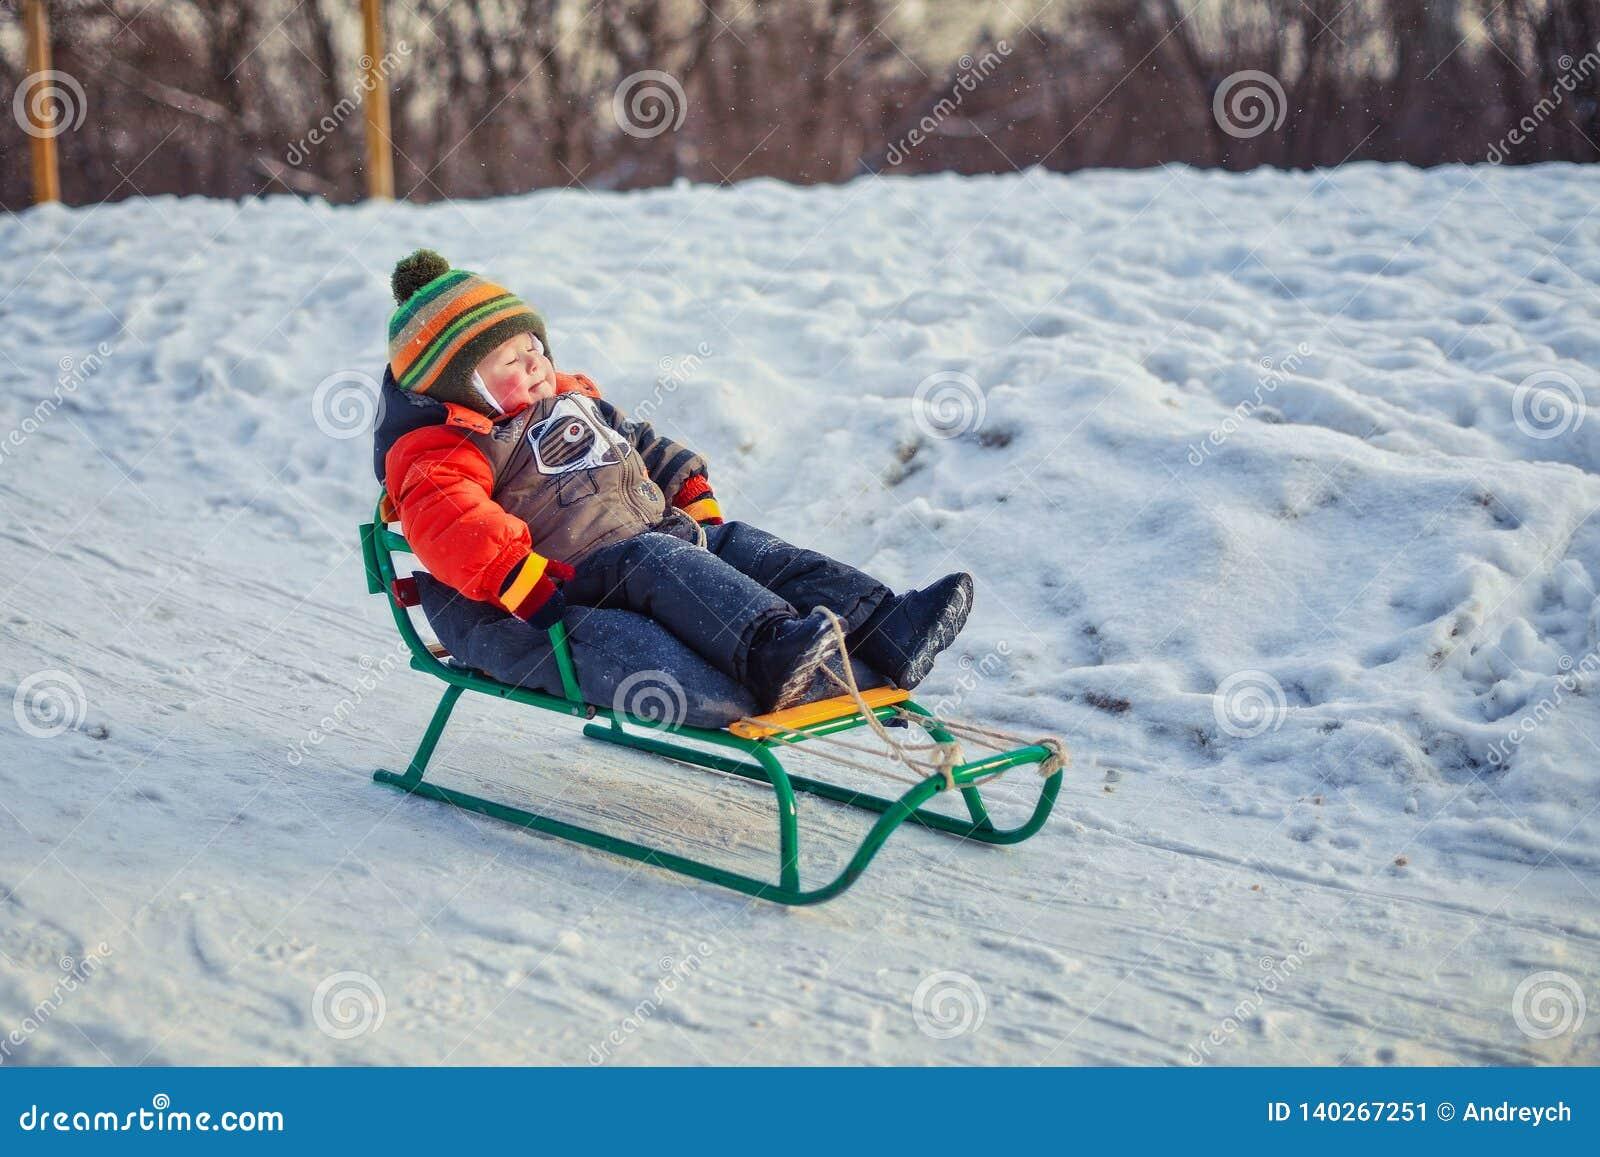 Αγόρι που απολαμβάνει έναν γύρο ελκήθρων Παιδιά που οδηγούν ένα έλκηθρο Παιδικό παιχνίδι υπαίθρια στο χιόνι Έλκηθρο παιδιών στο χ